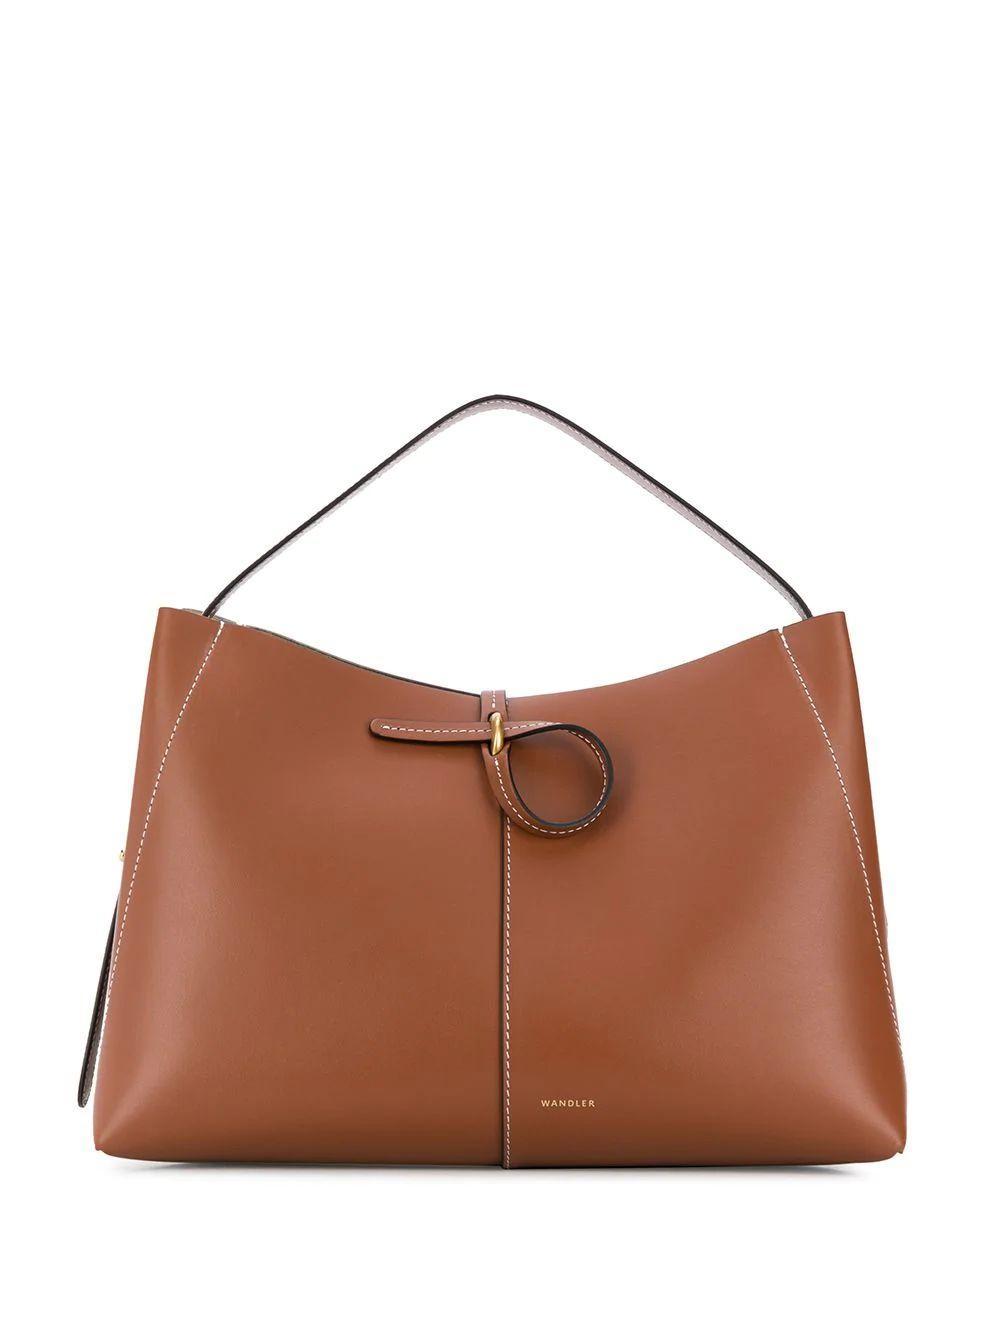 Ava Tote Bag Item # AVA-B-S20